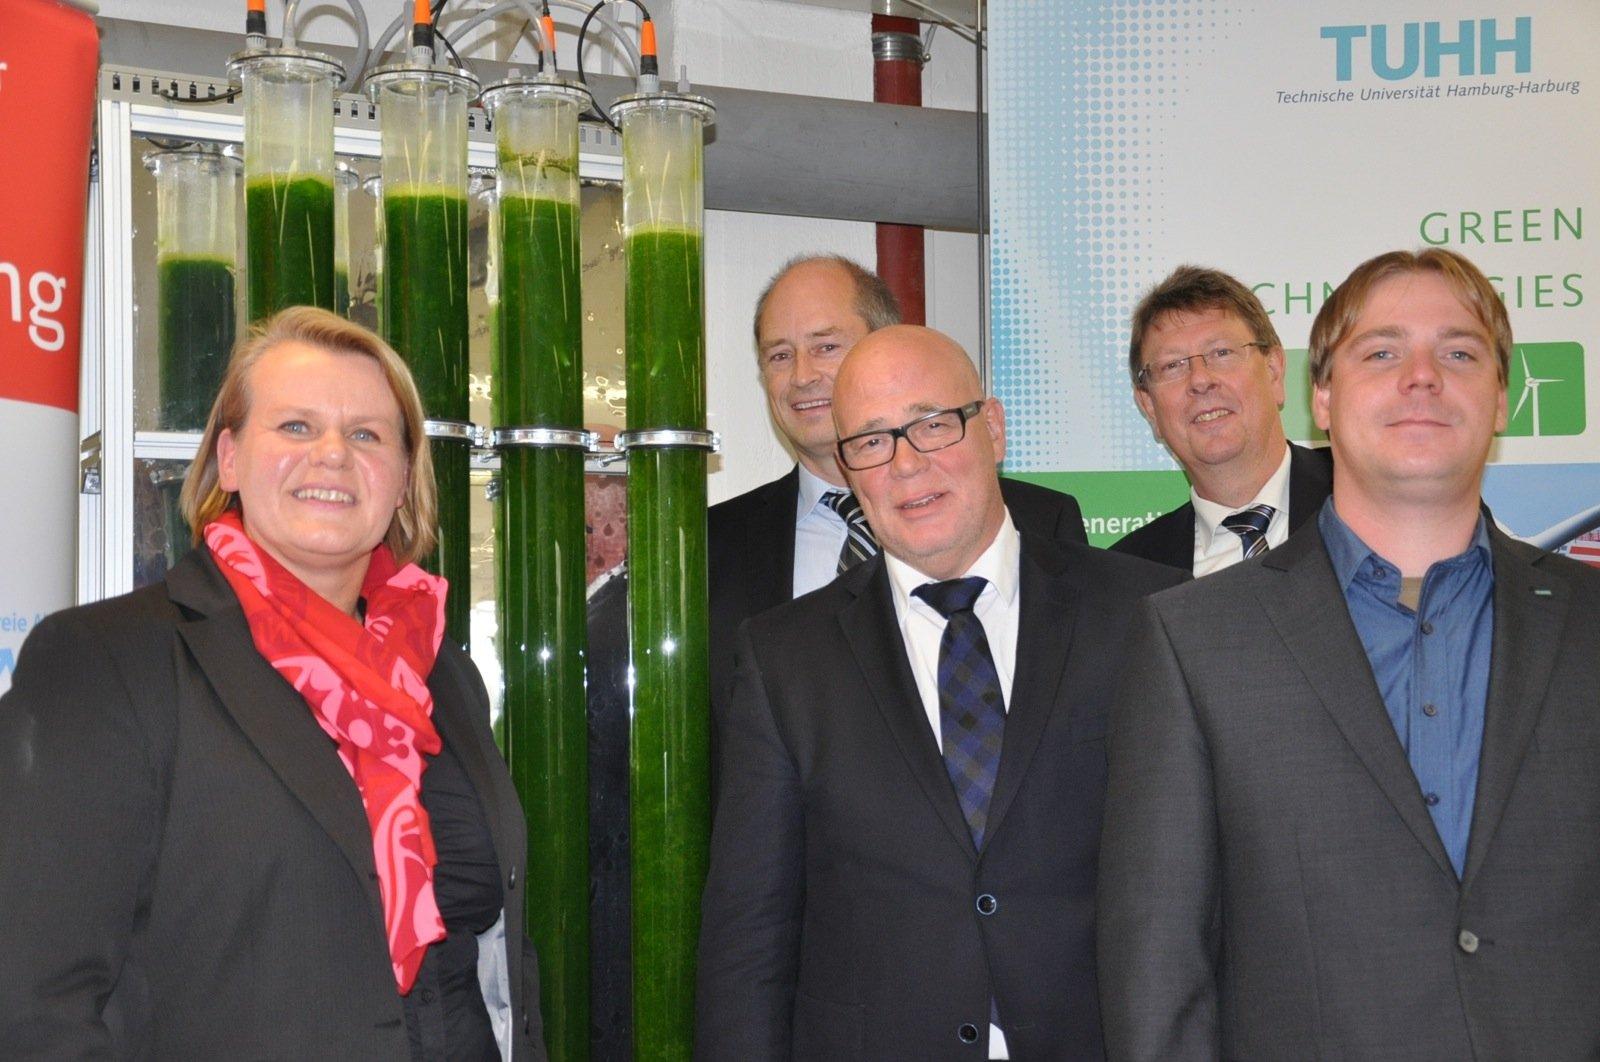 Wollen die Algenzucht konkurrenzfähig machen: Prof. Kerstin Kuchta, Udo Bottländer (E.ON Hanse), Thomas Brauer (E.ON Hanse), Dr. Johannes Harpenau (TUHH) und Nils Wieczorek (TUHH).